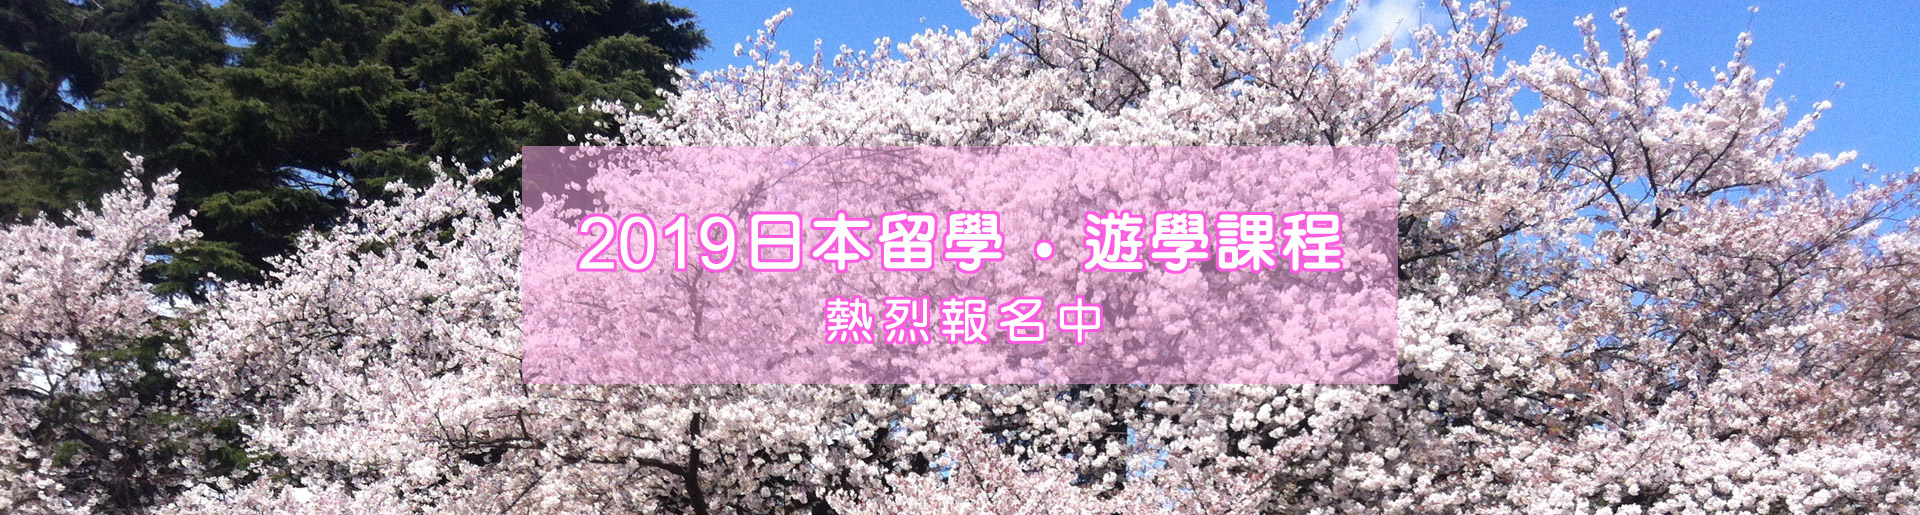 2019日本留學・遊學課程-熱烈報名中